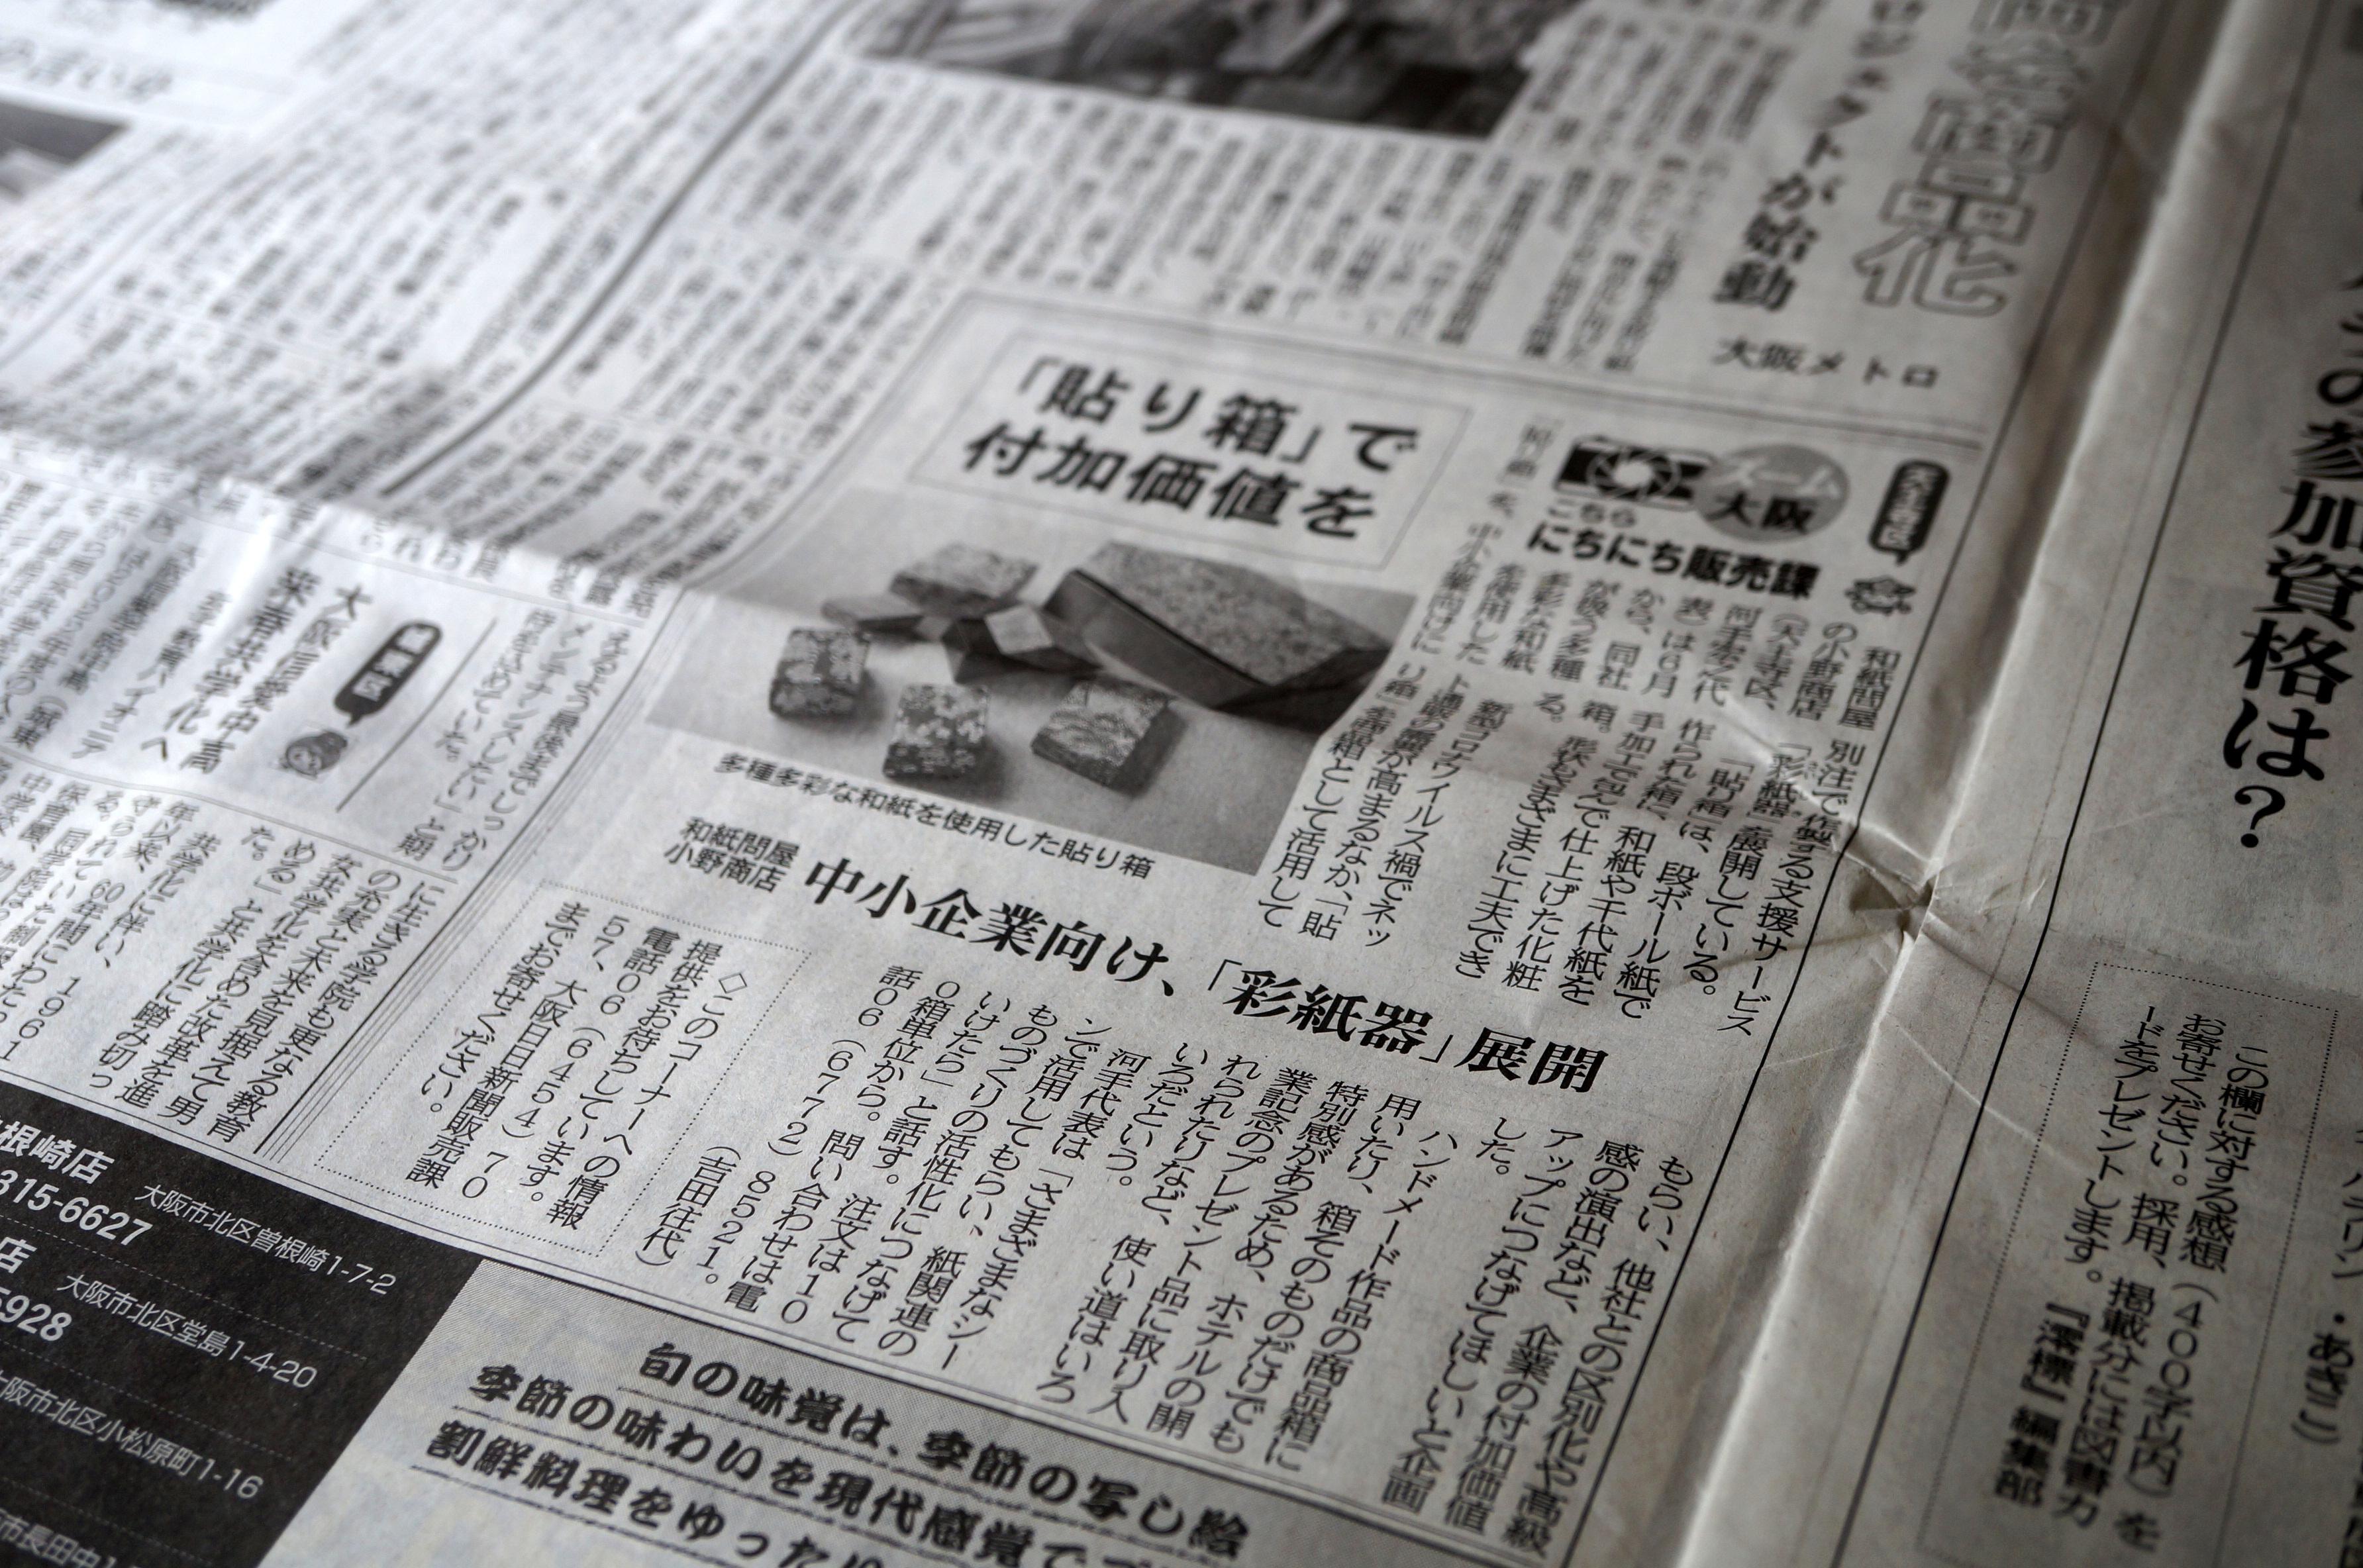 大阪の地元紙「大阪日日新聞」社会面に小野商店の新たな貼り箱の取り組み記事が掲載されました。